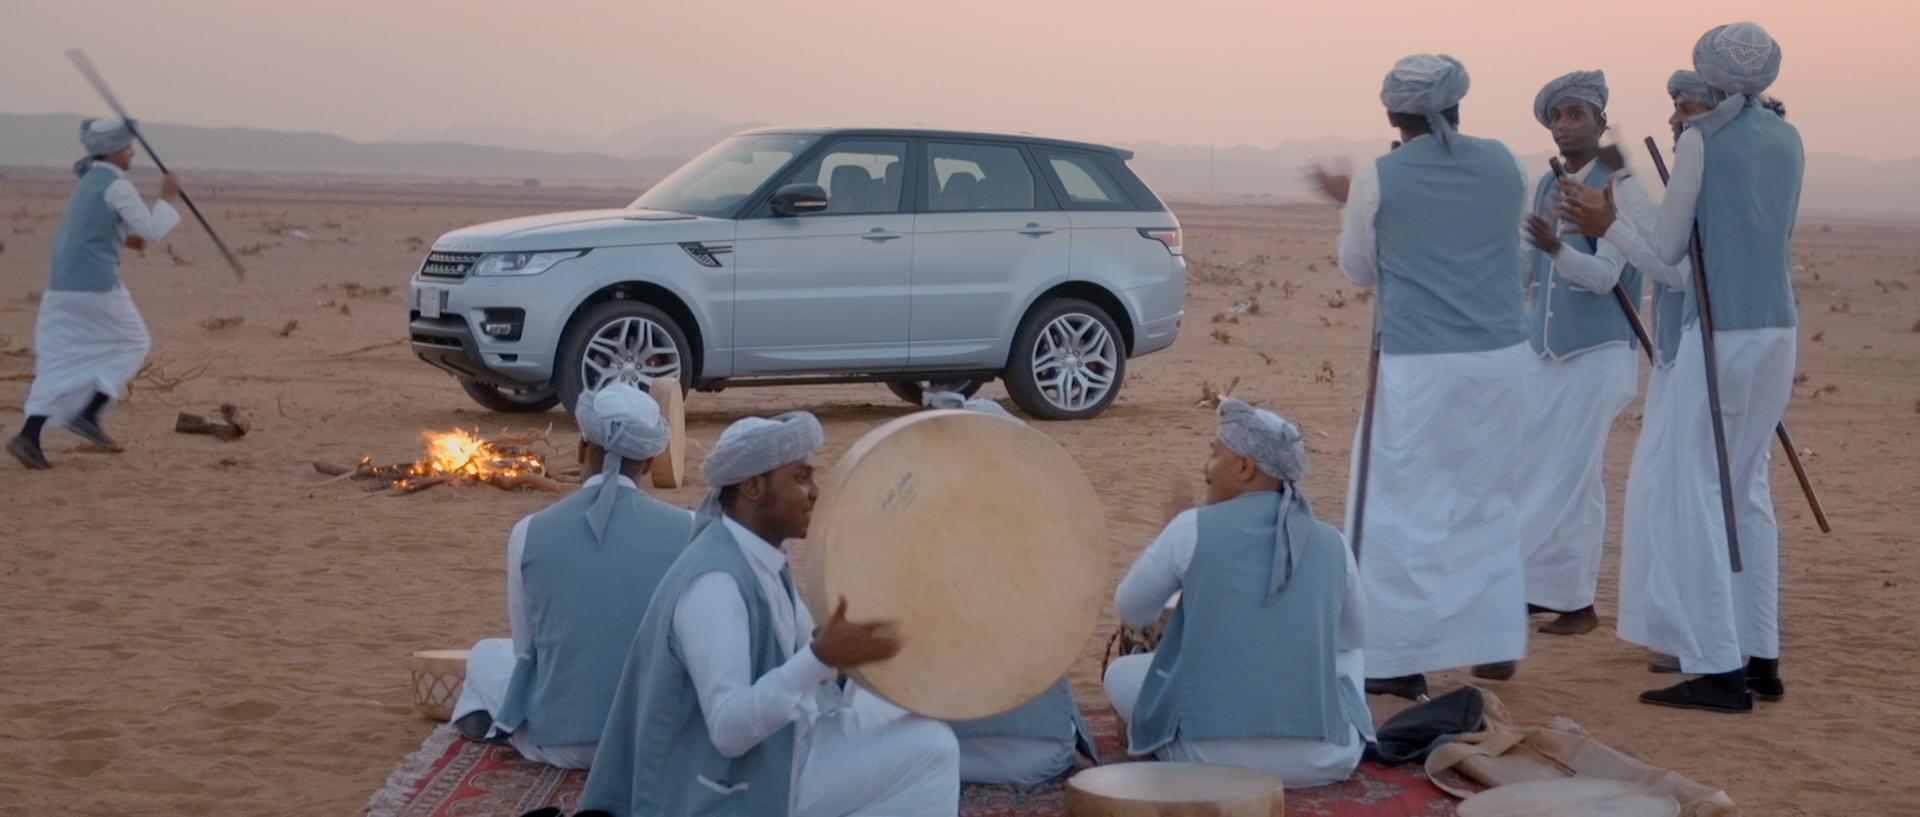 Sara al arab land rover_1.70.2.jpg